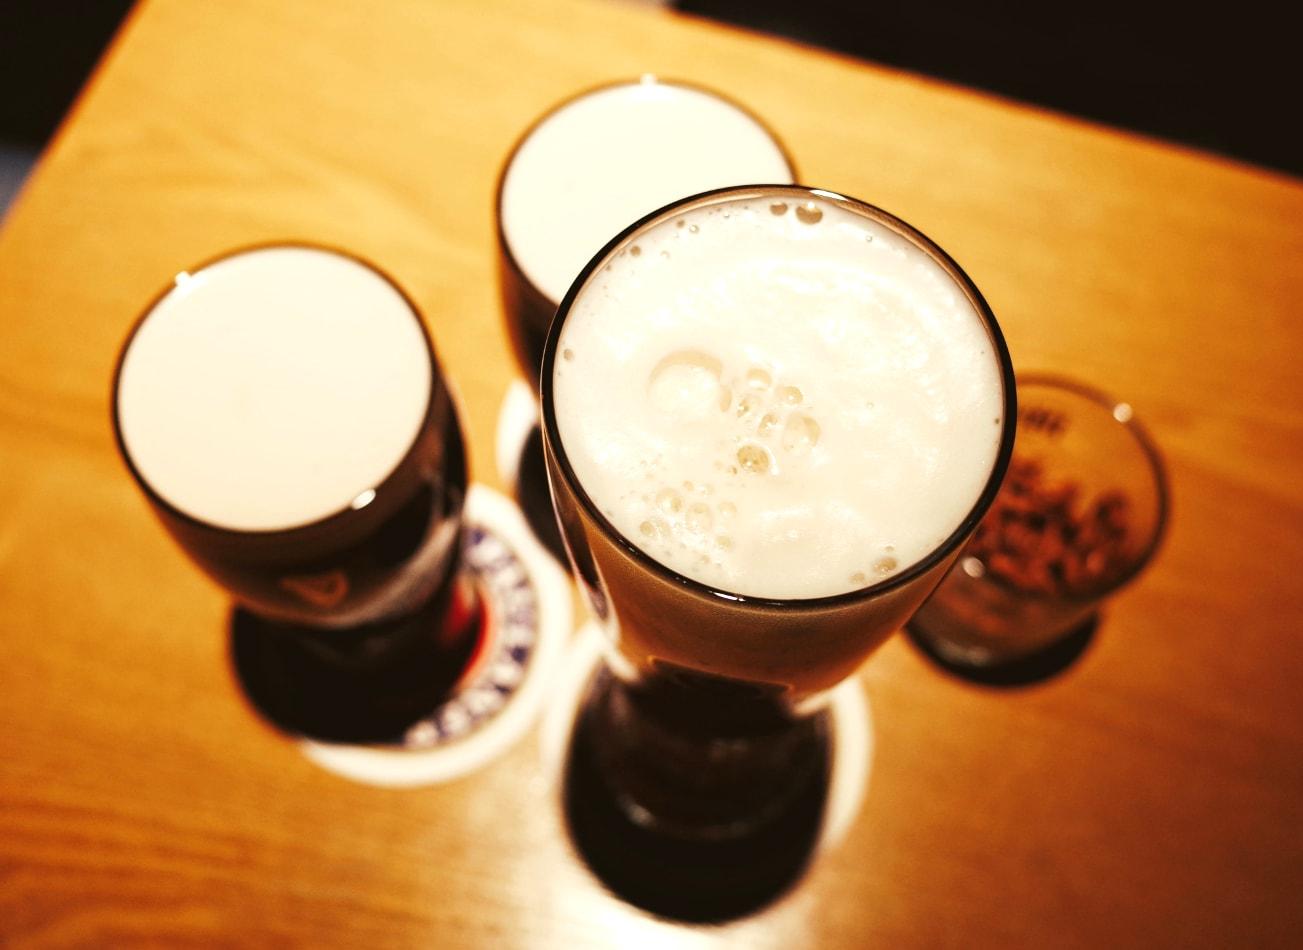 dégustation de bières à bruxelles activites vimigo